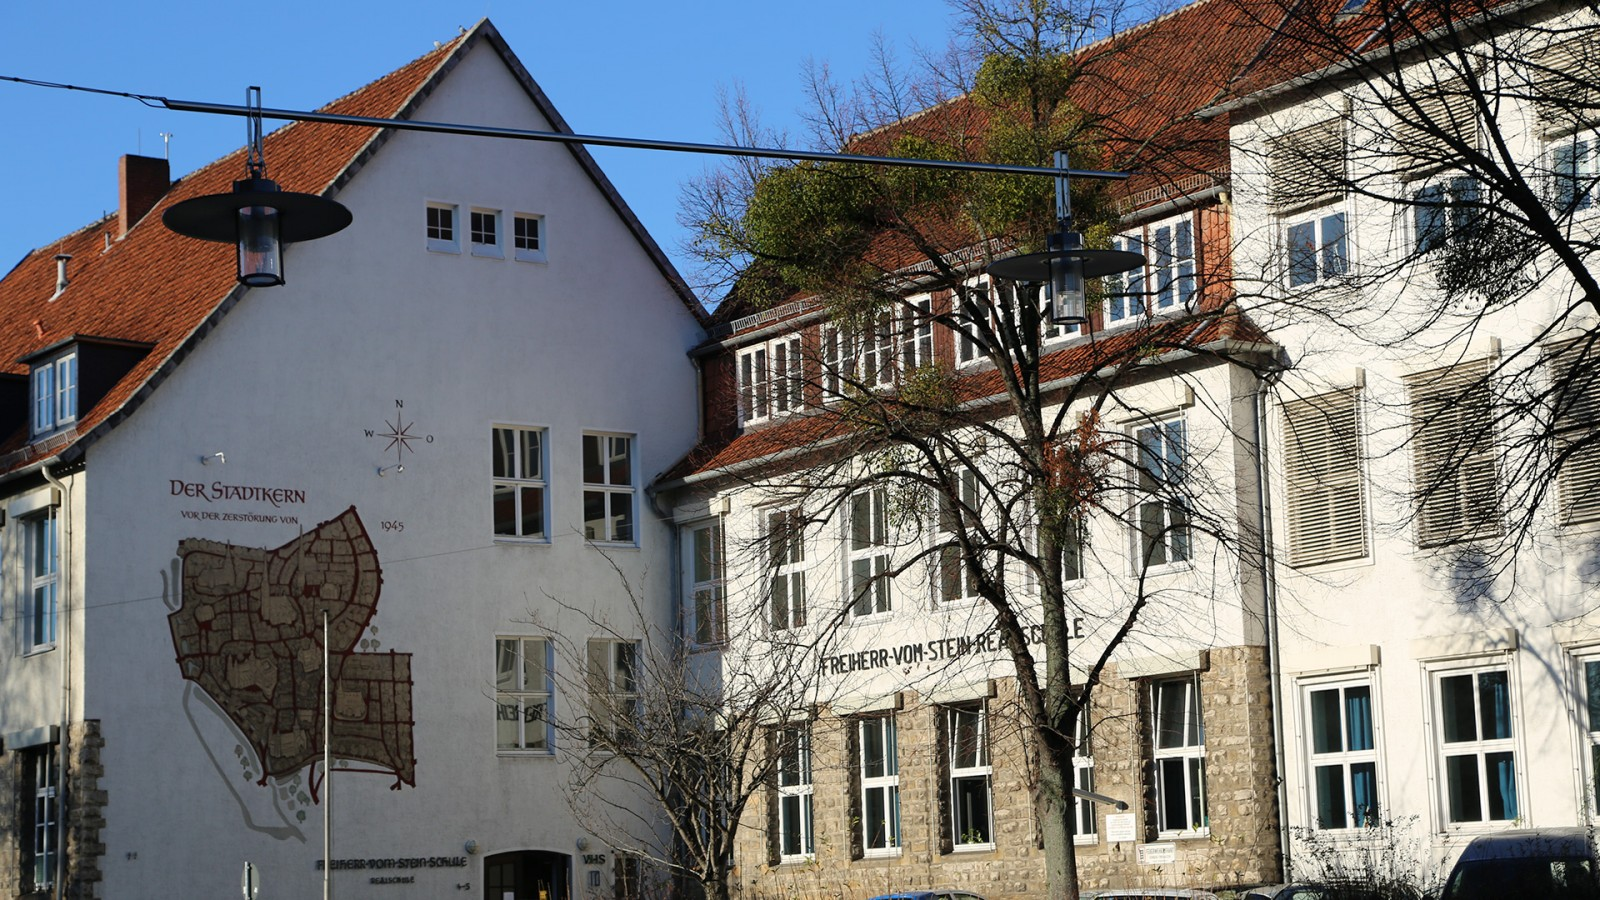 Volkshochschule Hildesheim | JUNG - Architekturbüro, Innenarchitekturbüro Hildesheim